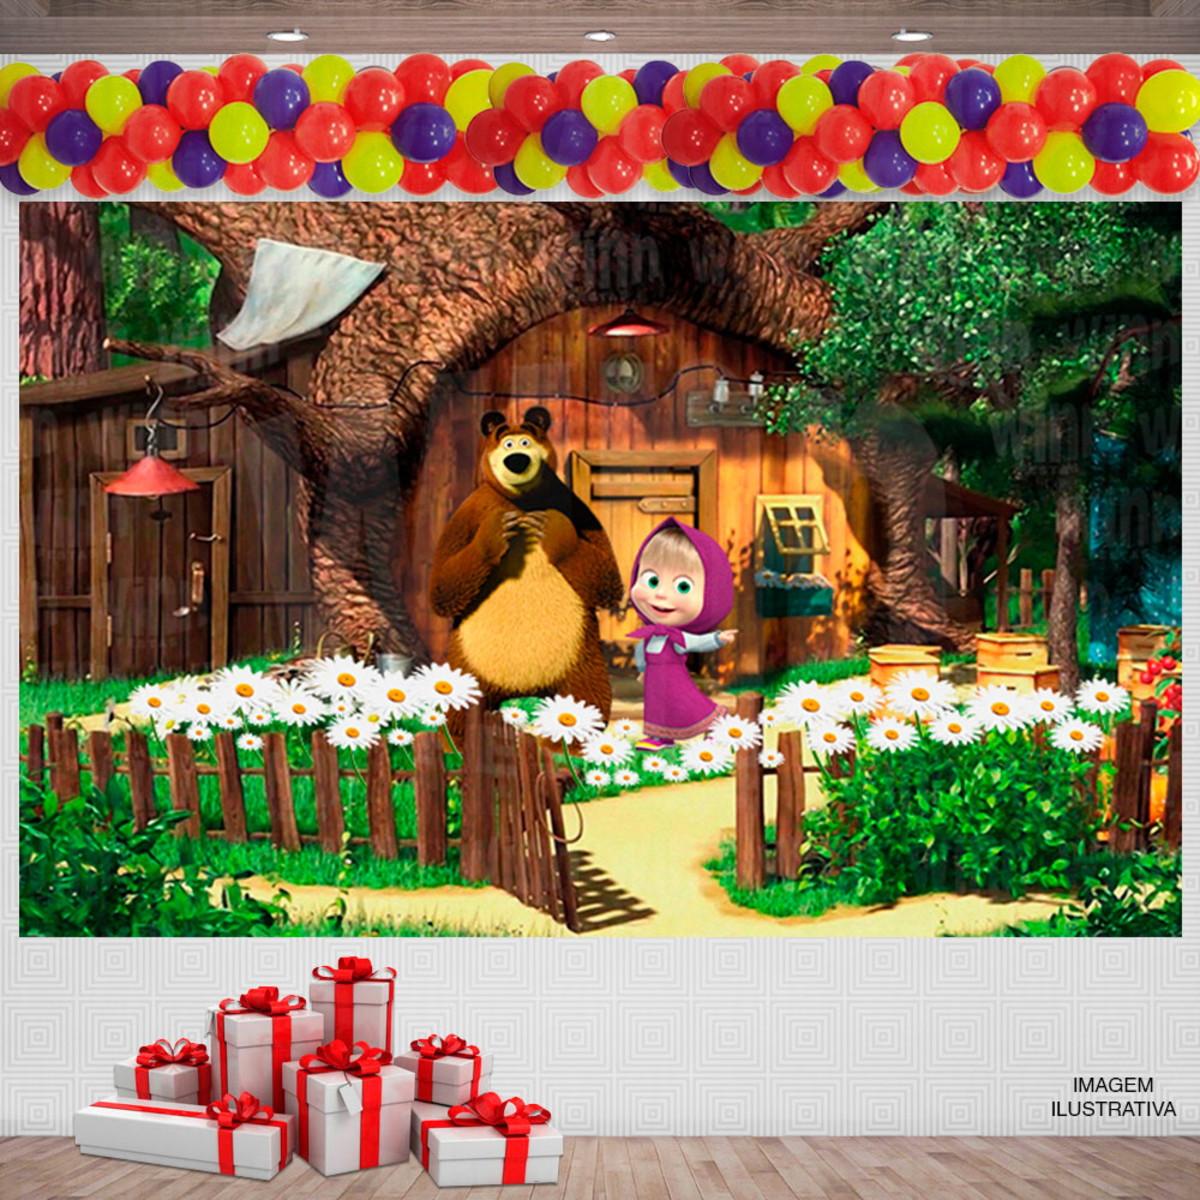 Painel Festa Infantil Desenho Masha E O Urso 3x2m No Elo7